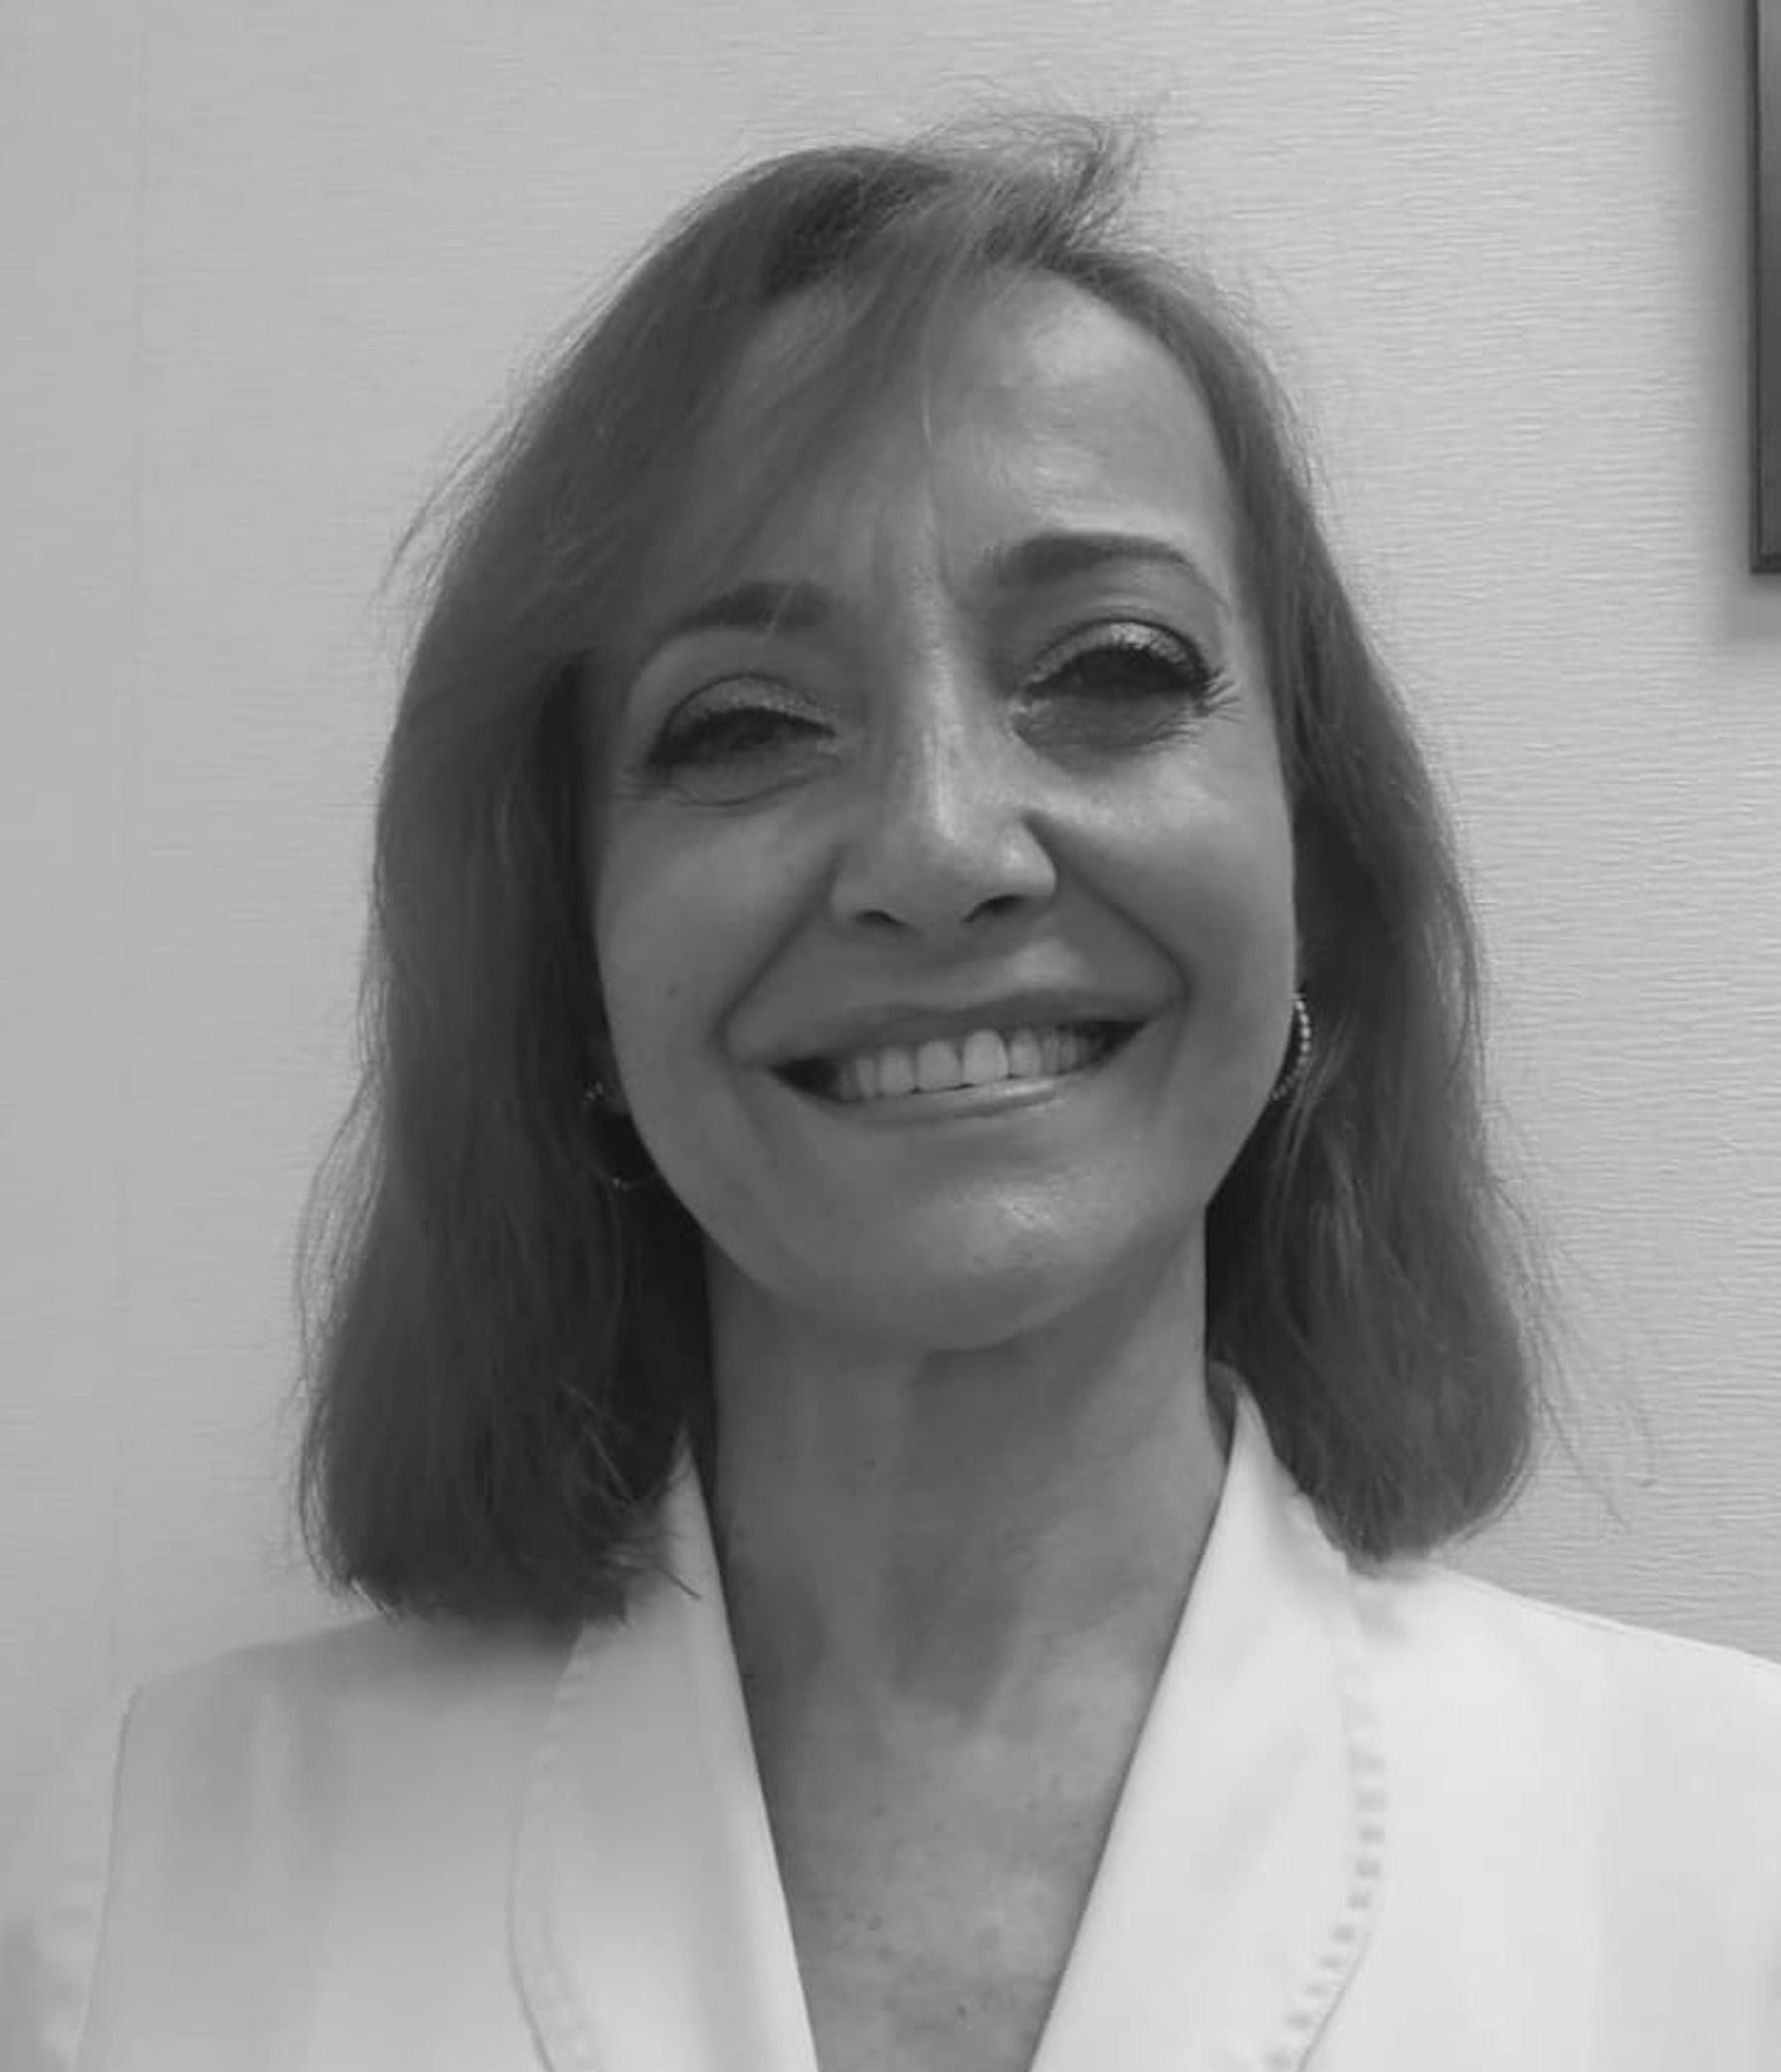 Maribel Prades